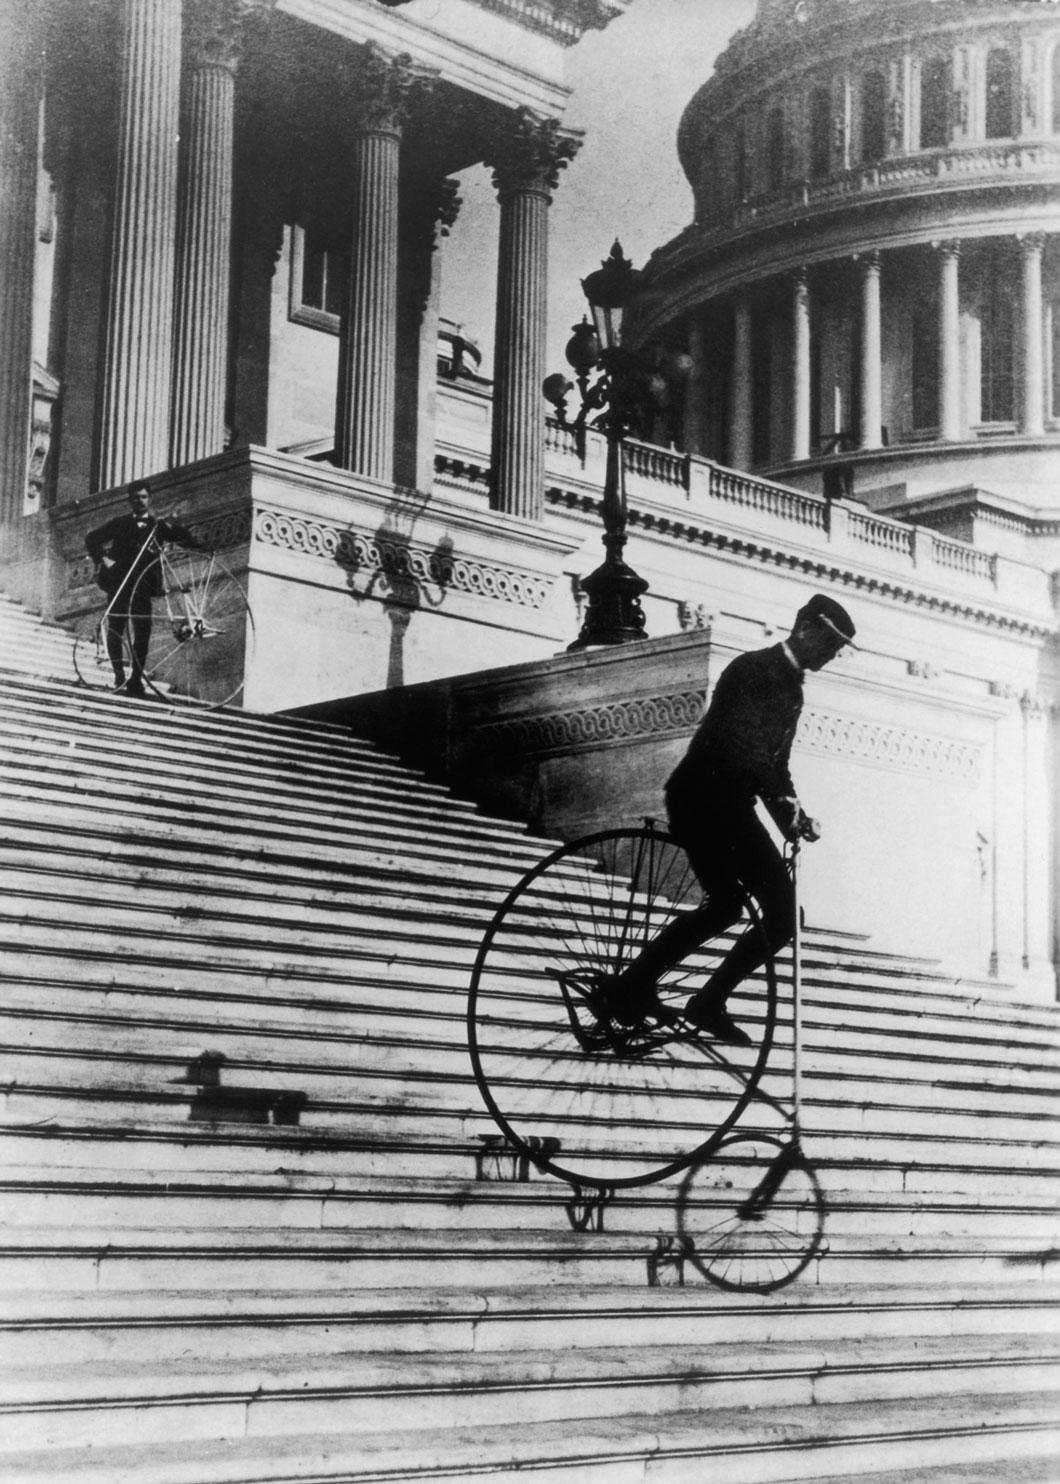 Homens montar penny-farthings descer os degraus do edifício do Capitólio dos Estados Unidos.